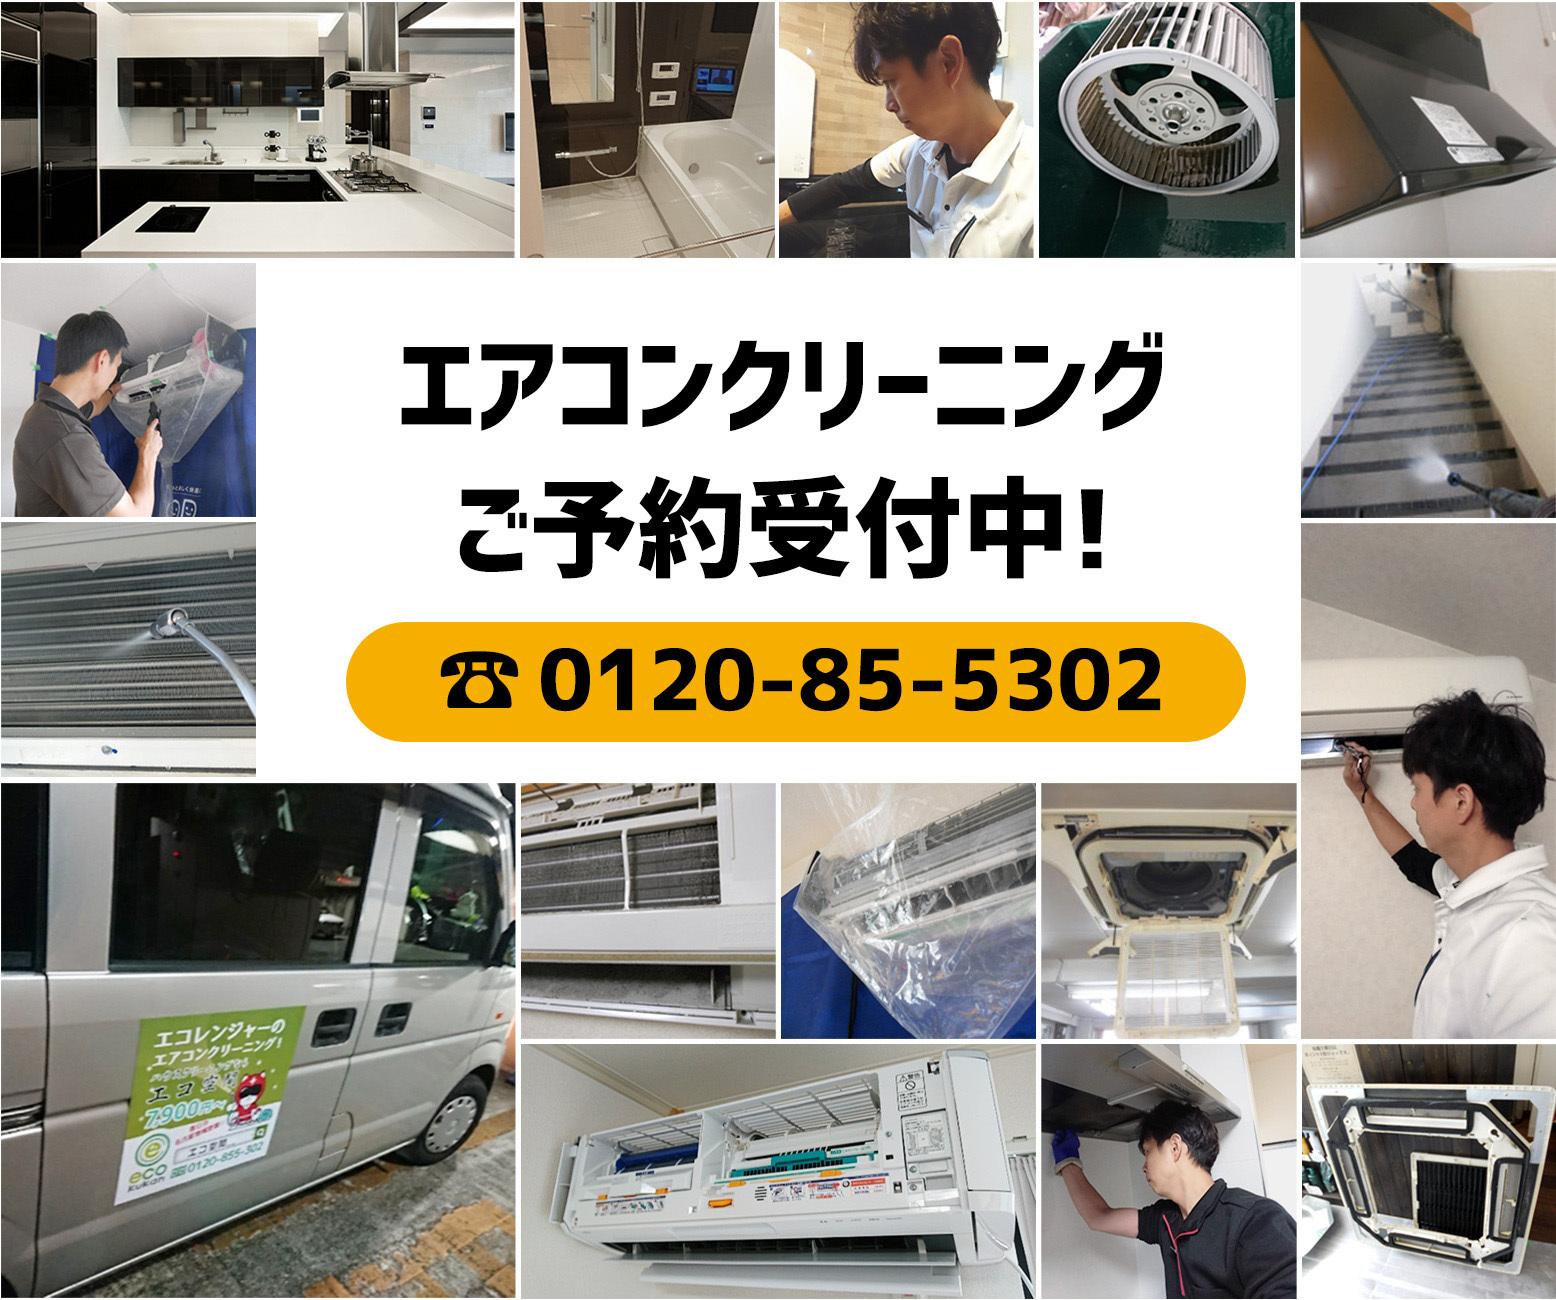 エアコンクリーニングご予約受付中!電話 0120-85-5303